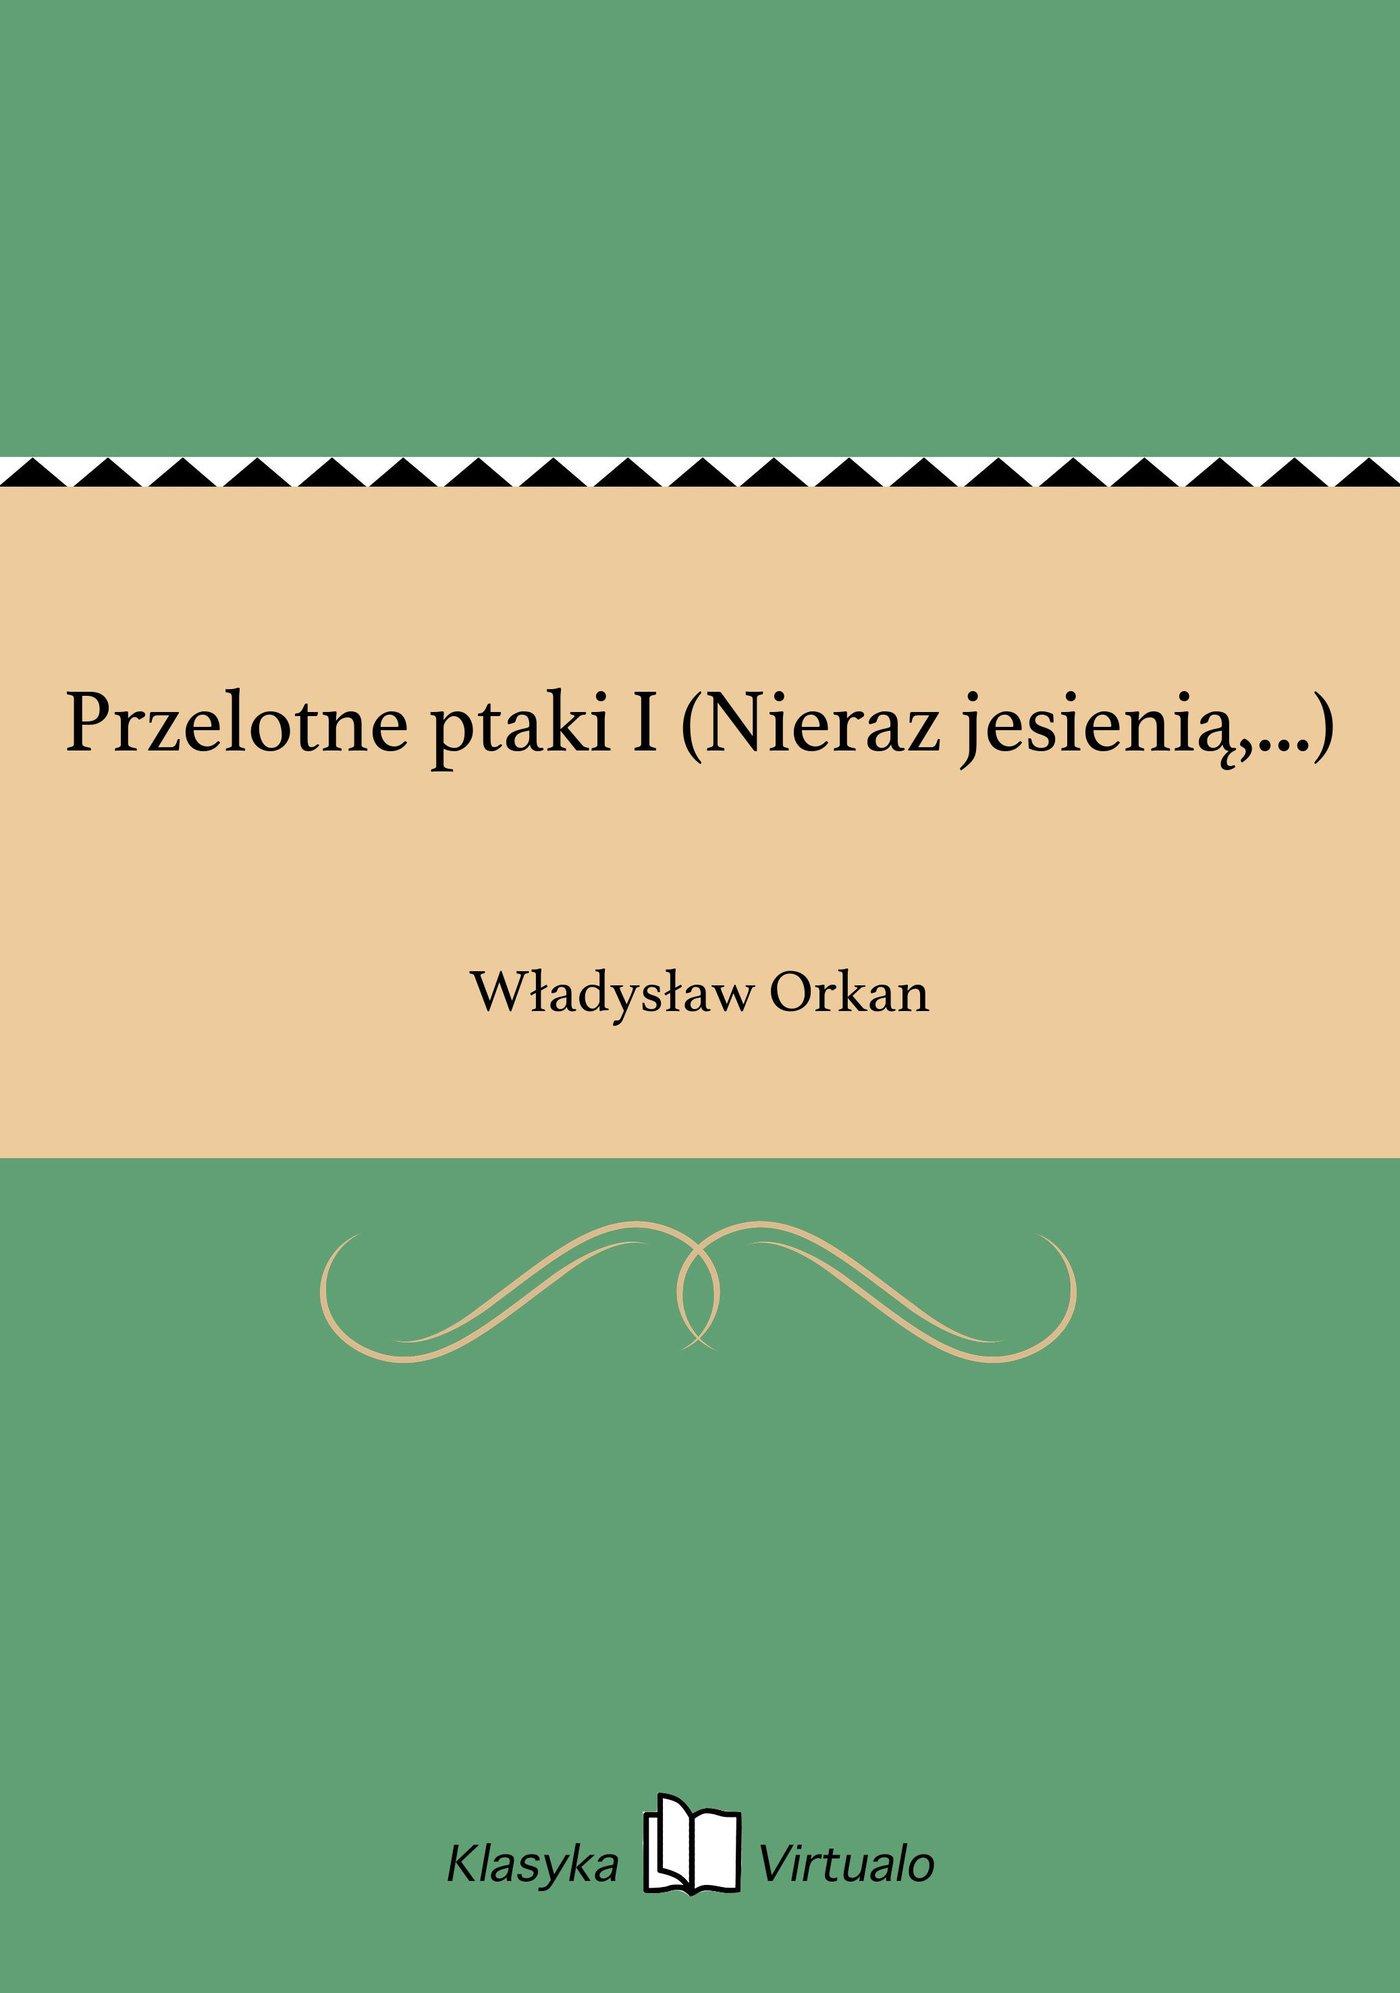 Przelotne ptaki I (Nieraz jesienią,...) - Ebook (Książka EPUB) do pobrania w formacie EPUB